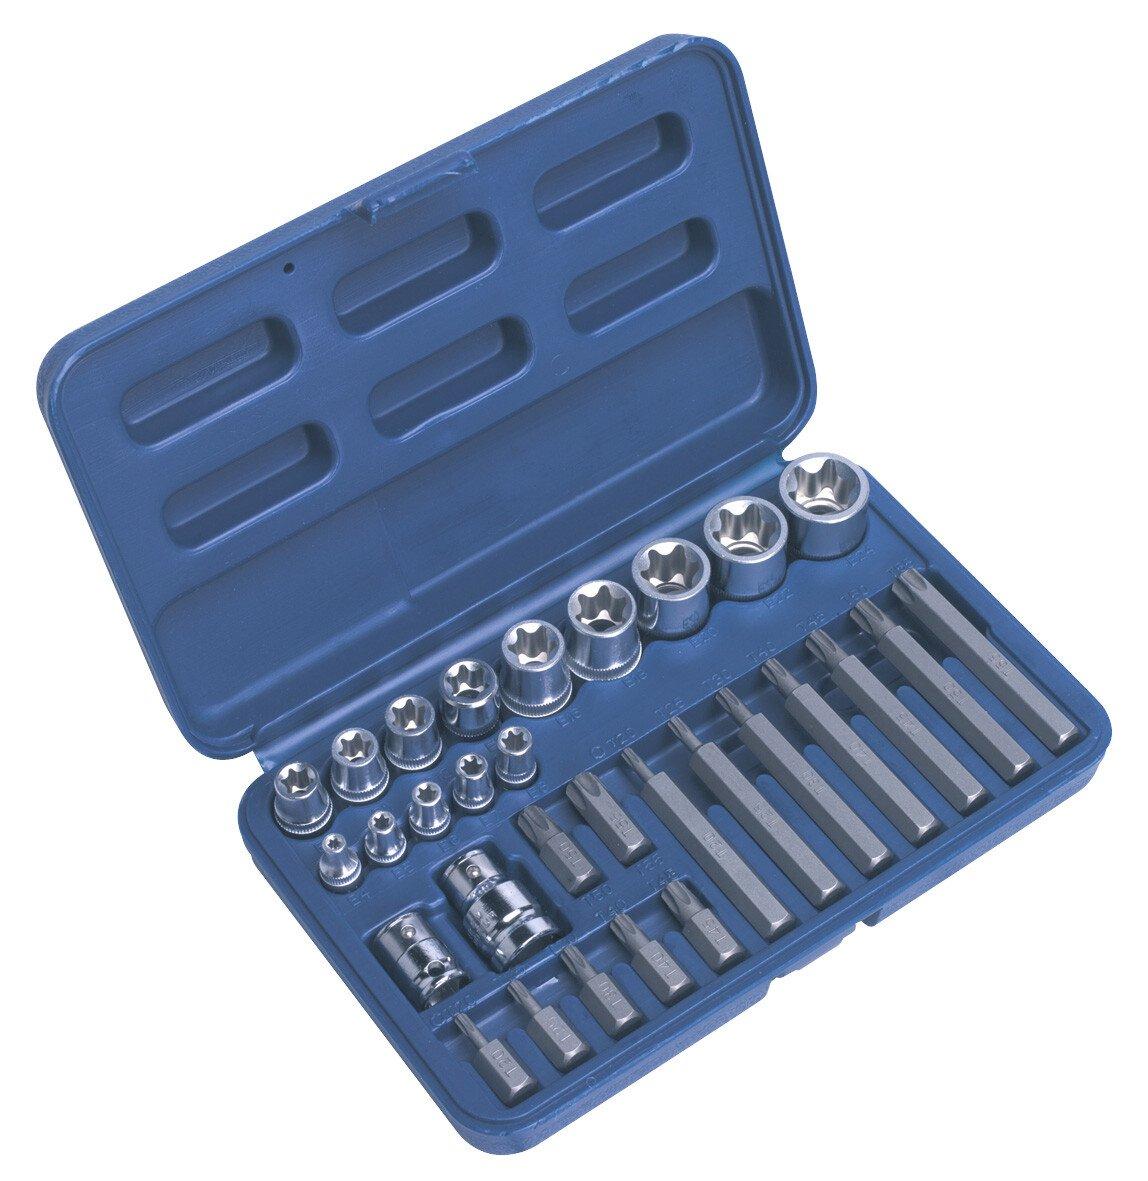 """Sealey AK619 TRX-Star (Torx type) Socket & Bit Set 30 Piece 1/4"""", 3/8"""" & 1/2"""" Drive"""